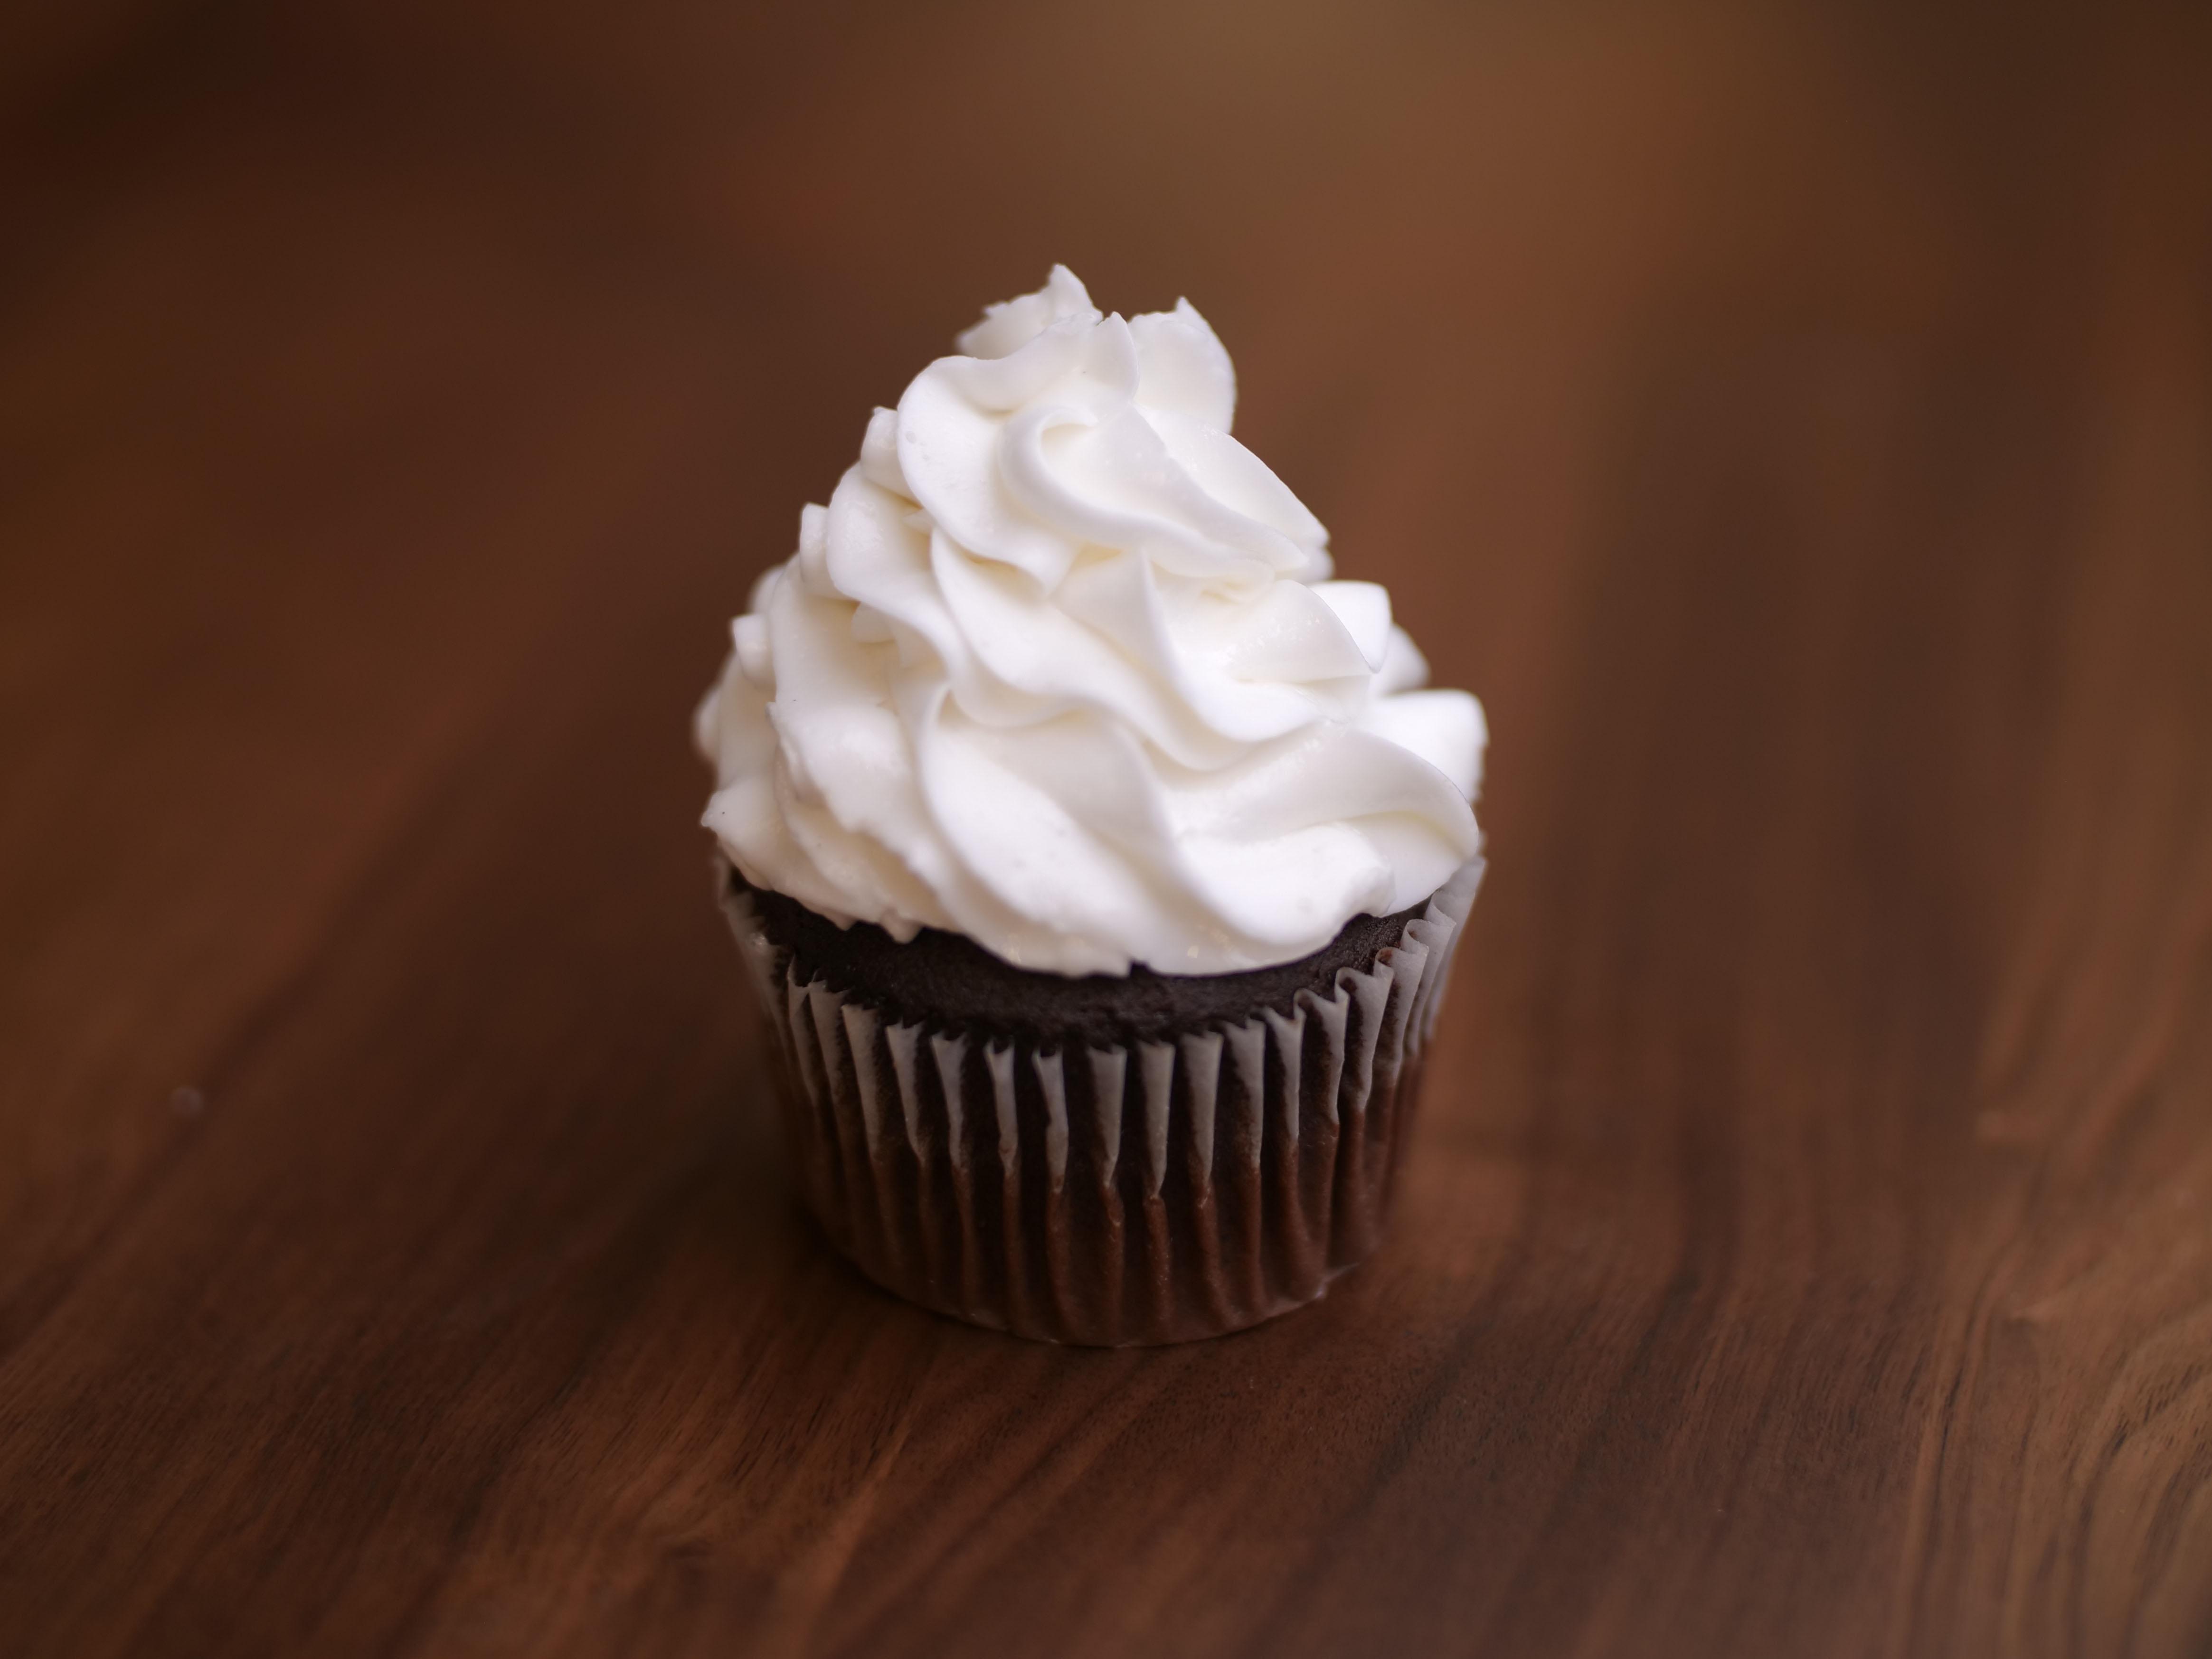 Cupcake White On Choc 2